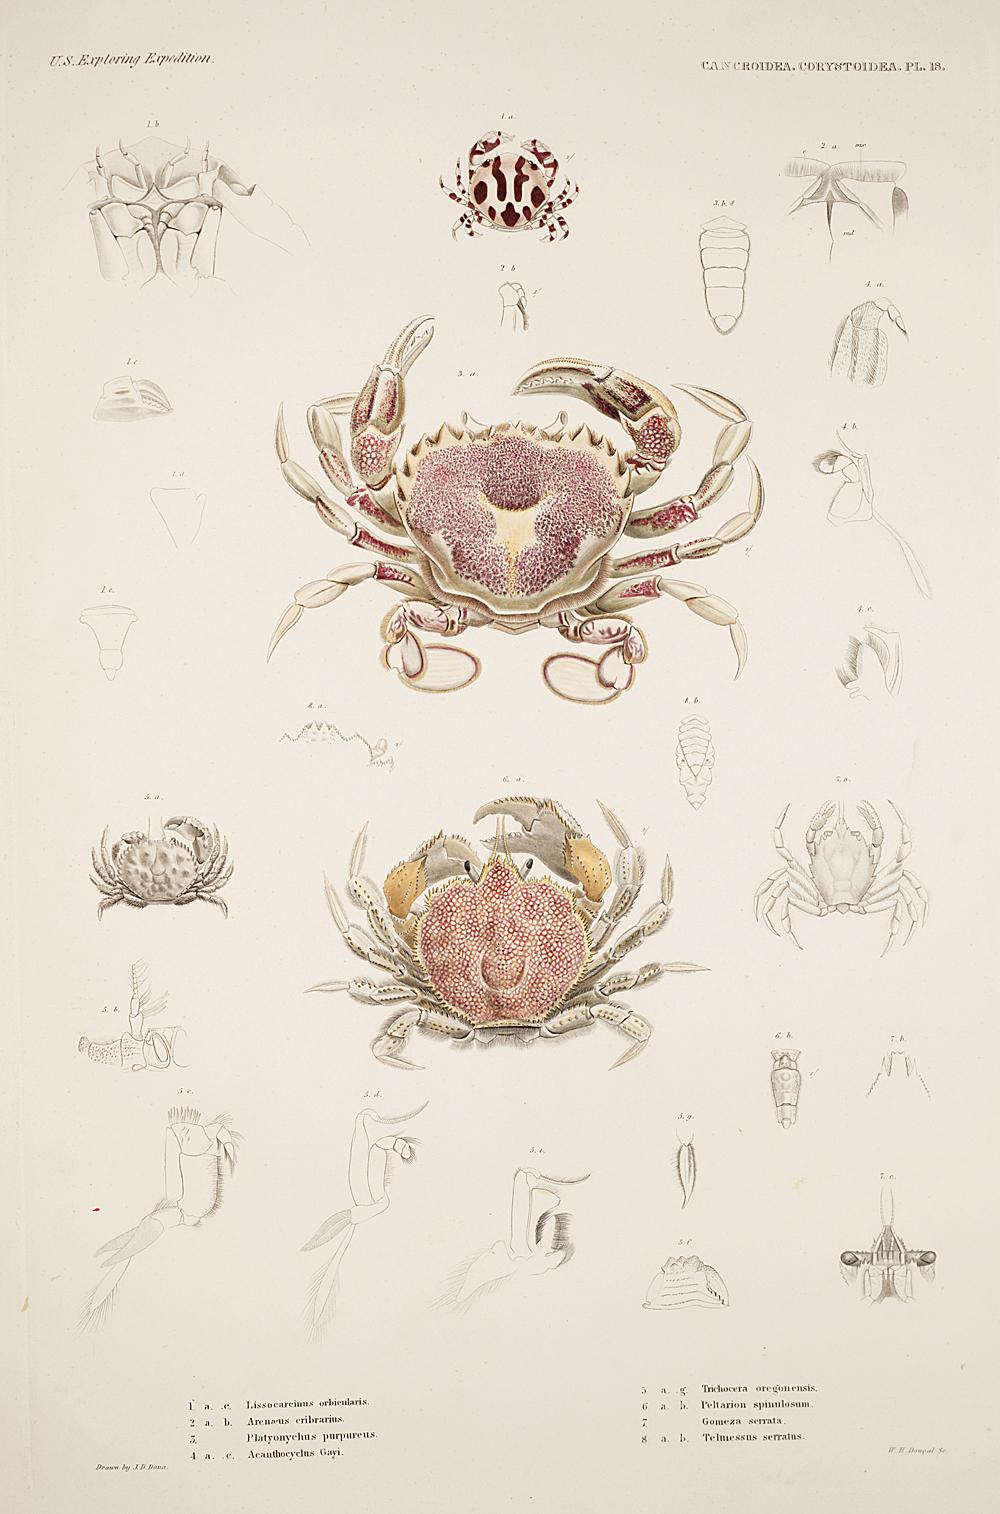 Cancroidea. Corysoidea. Pl. 18,  Image number:SIL19-21-069b